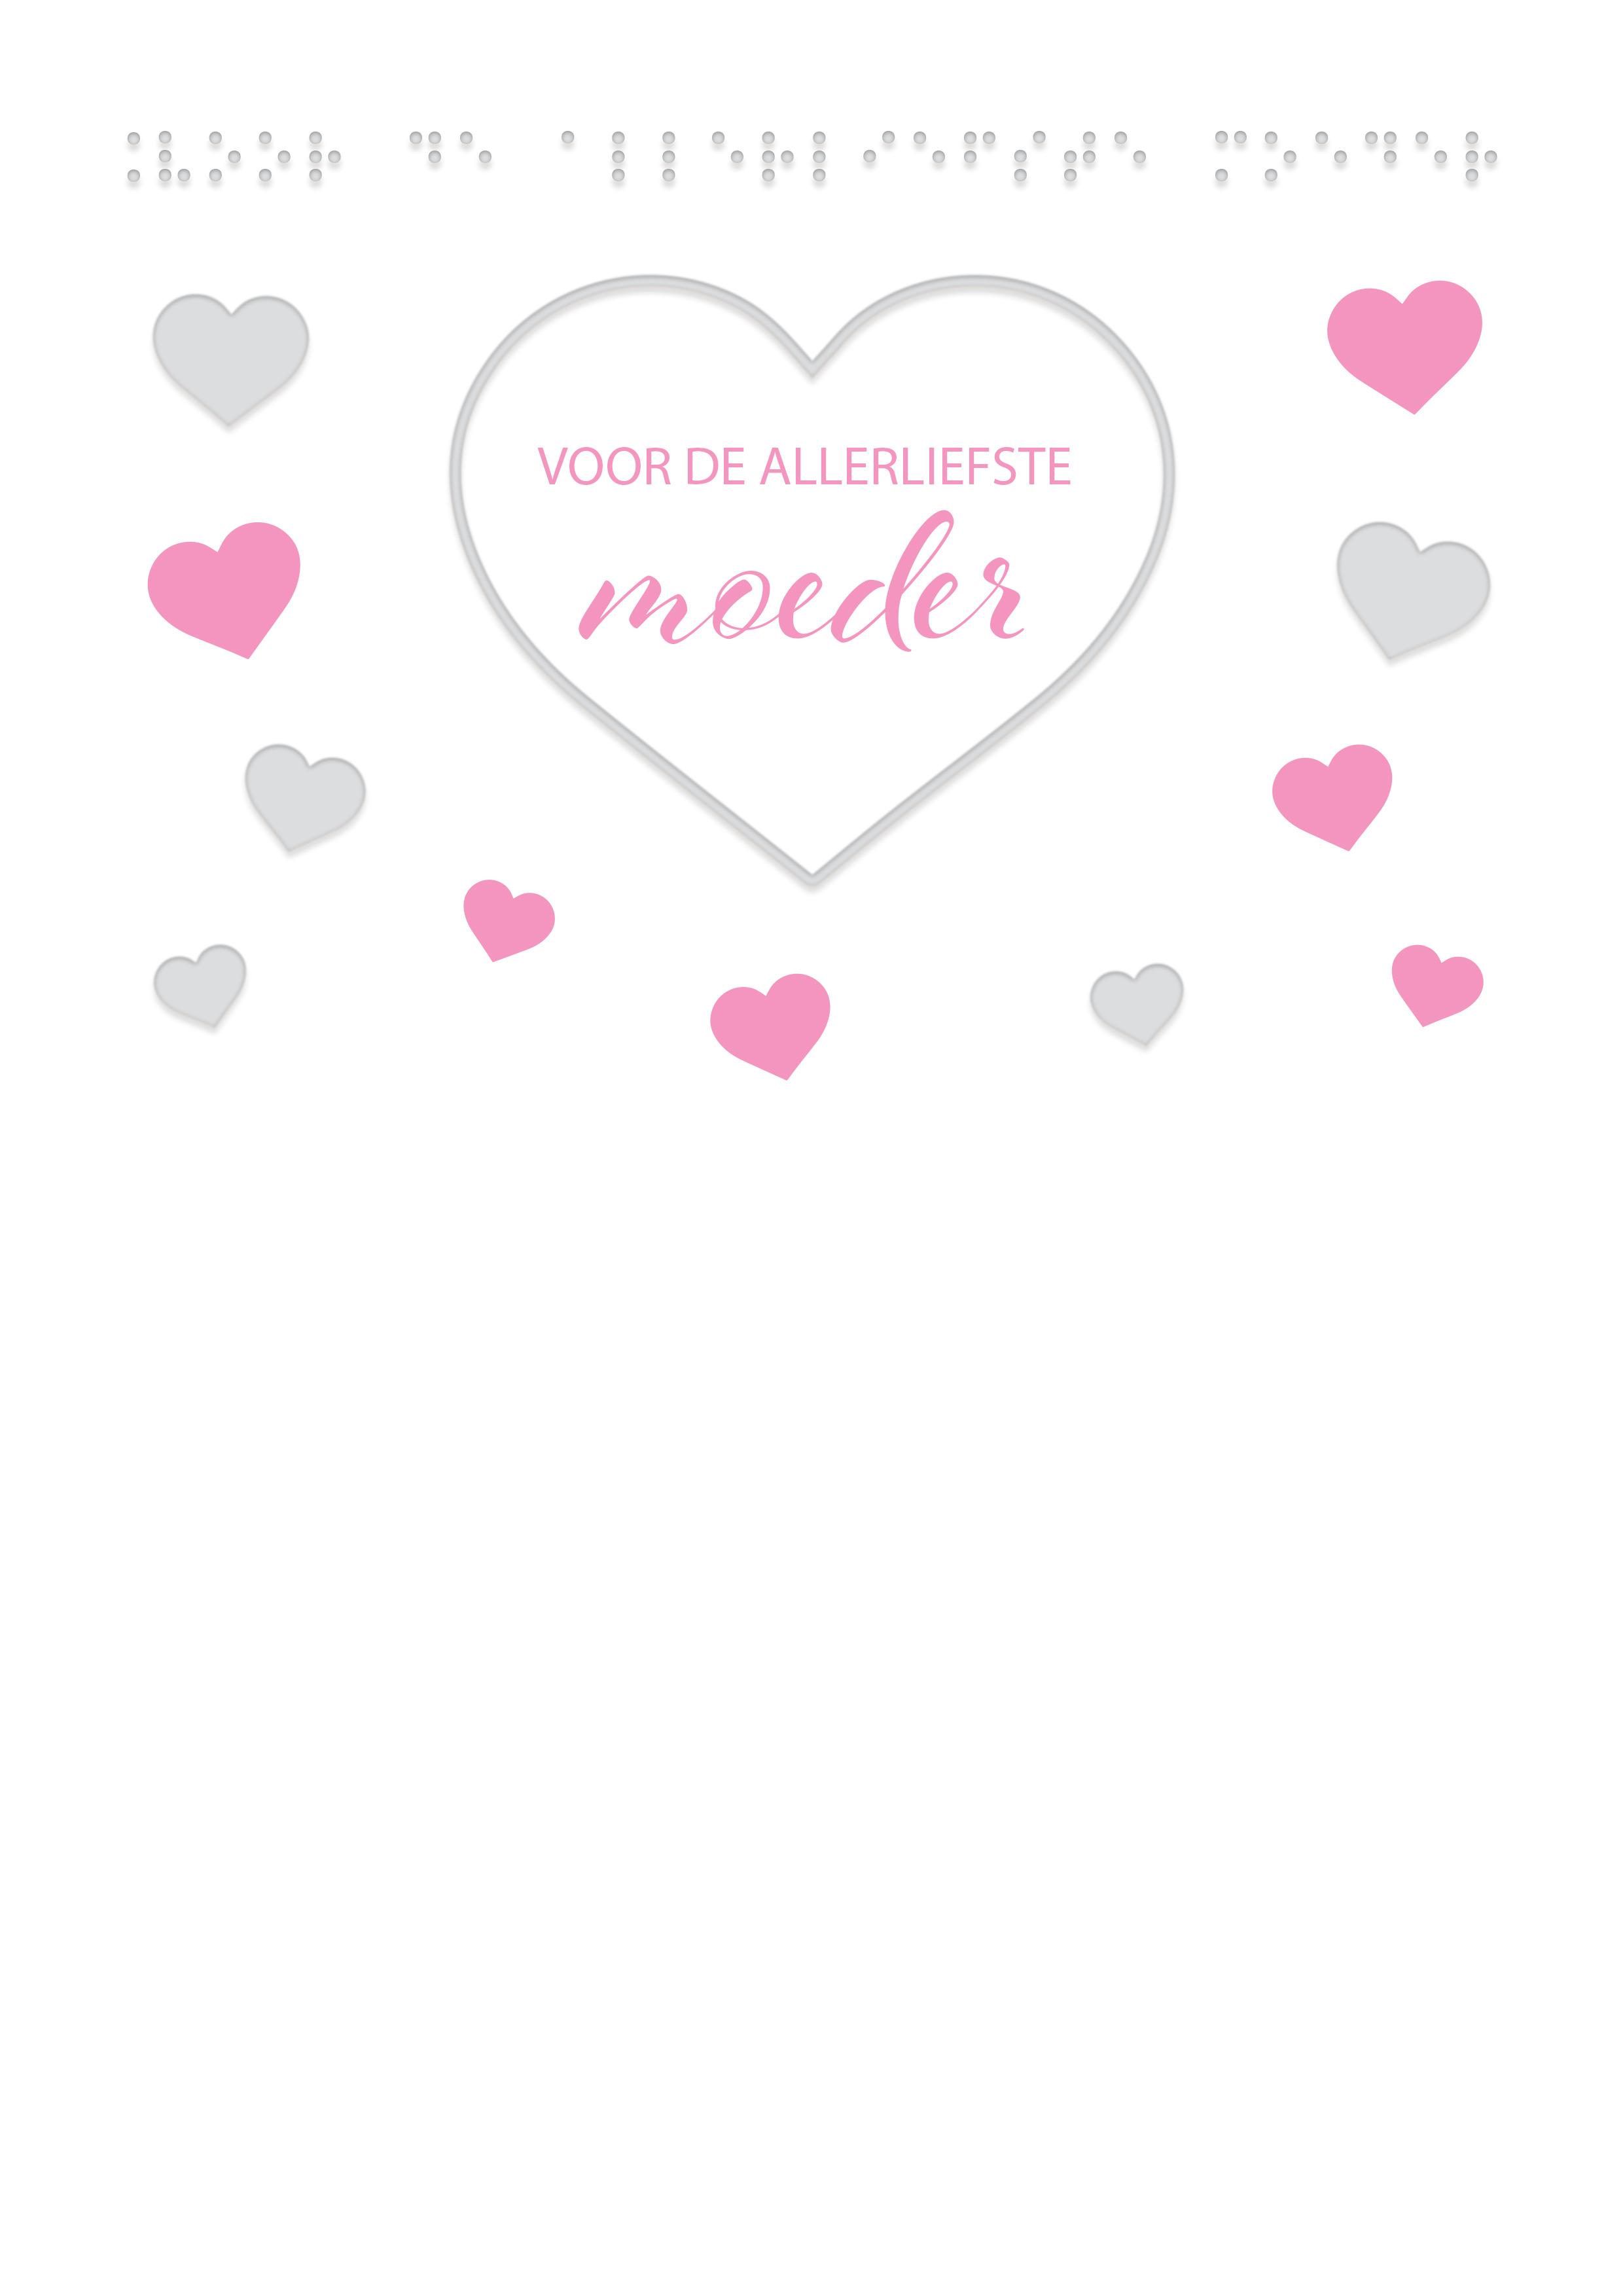 Voelbare wenskaart met braille en reliëf. In braille de tekst: Voor de allerliefste moeder. Met voelbare afbeeldingen van hartjes.